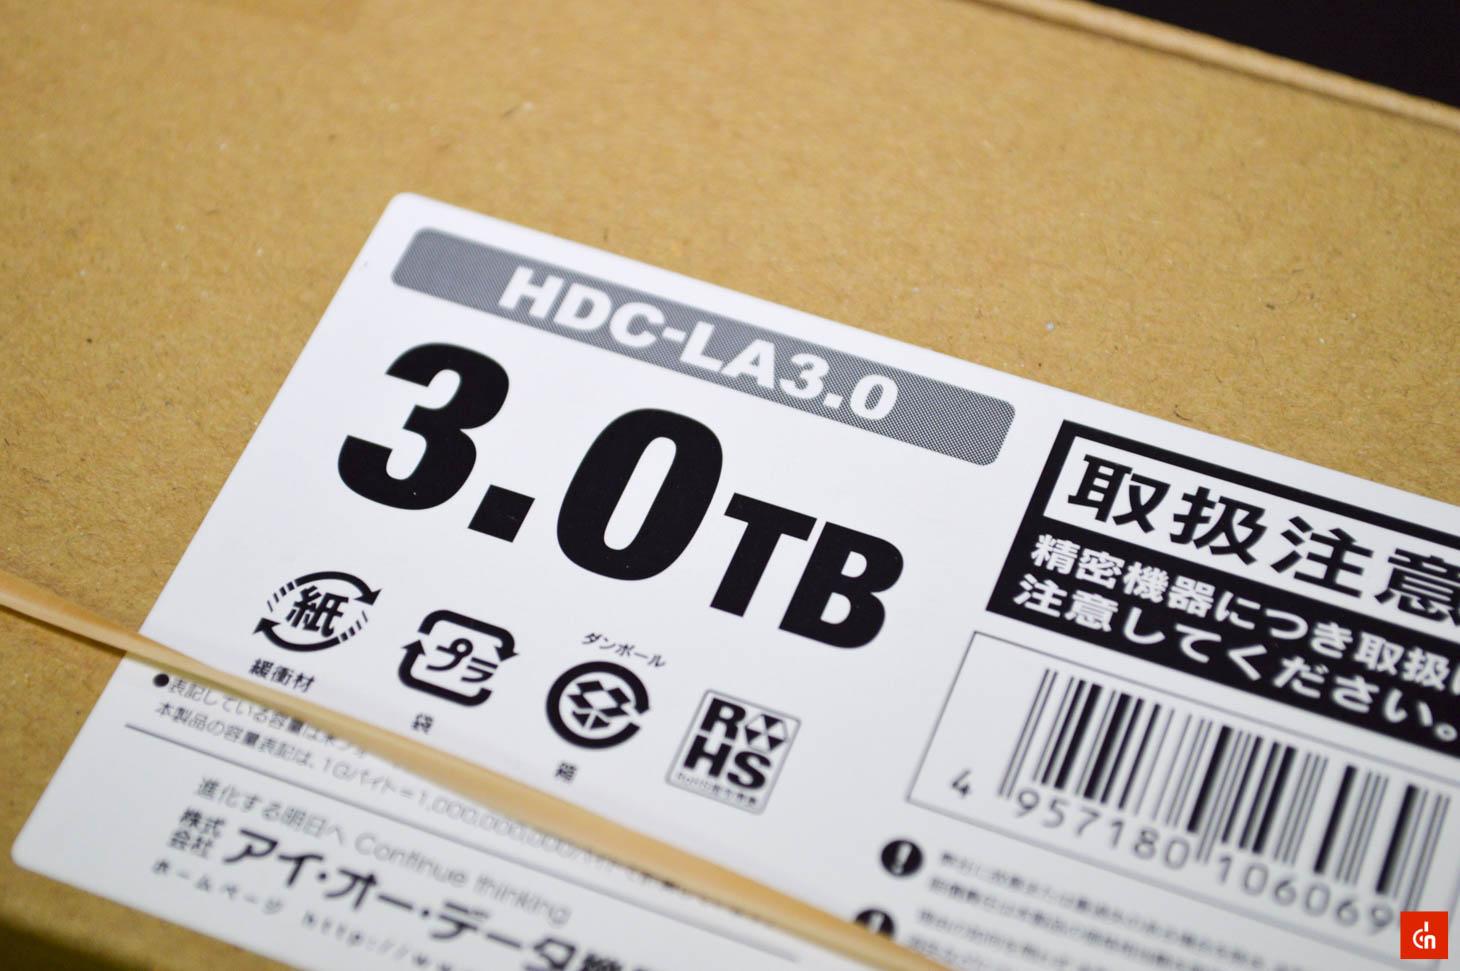 002_20160326_i-o-data-HDC-LA3.0